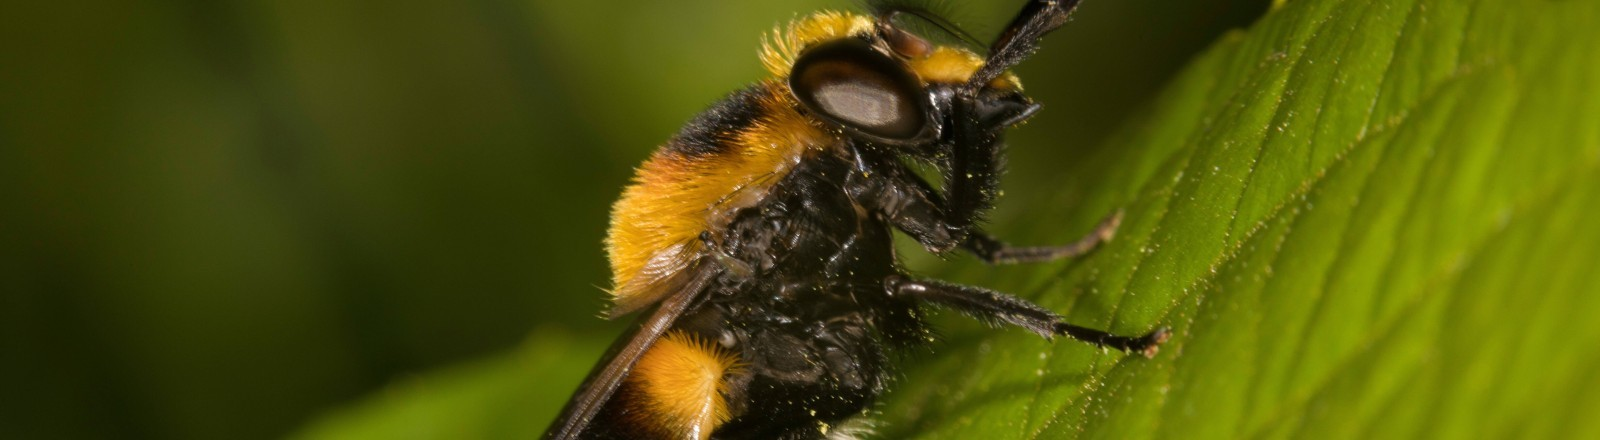 Eine Hummel auf einem Blatt voller Pollen